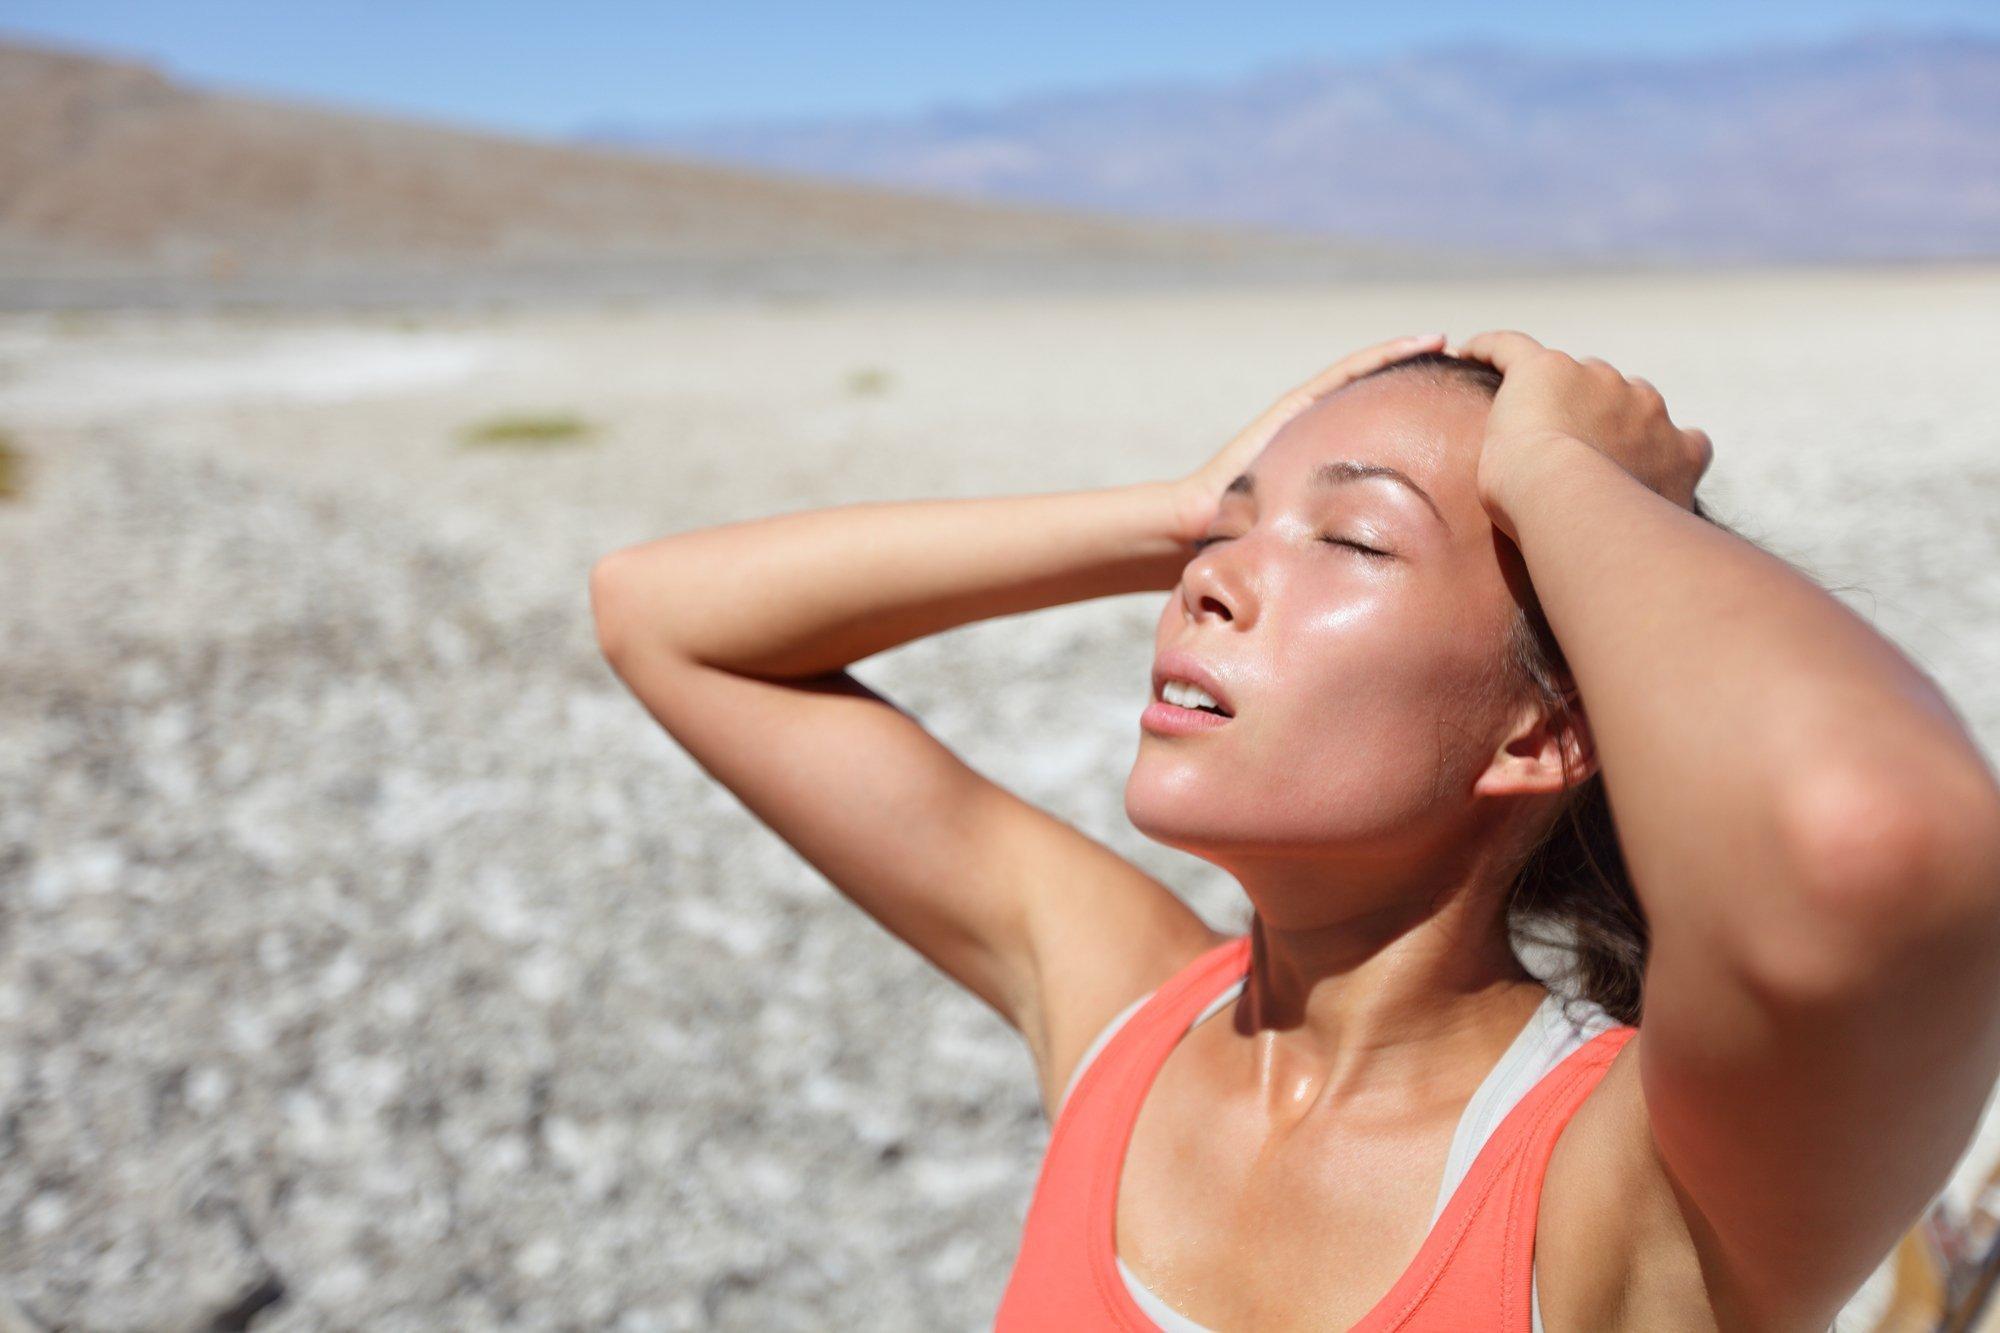 Das Bild zeigt eine Frau in der Wüste, sie sieht durstig aus.